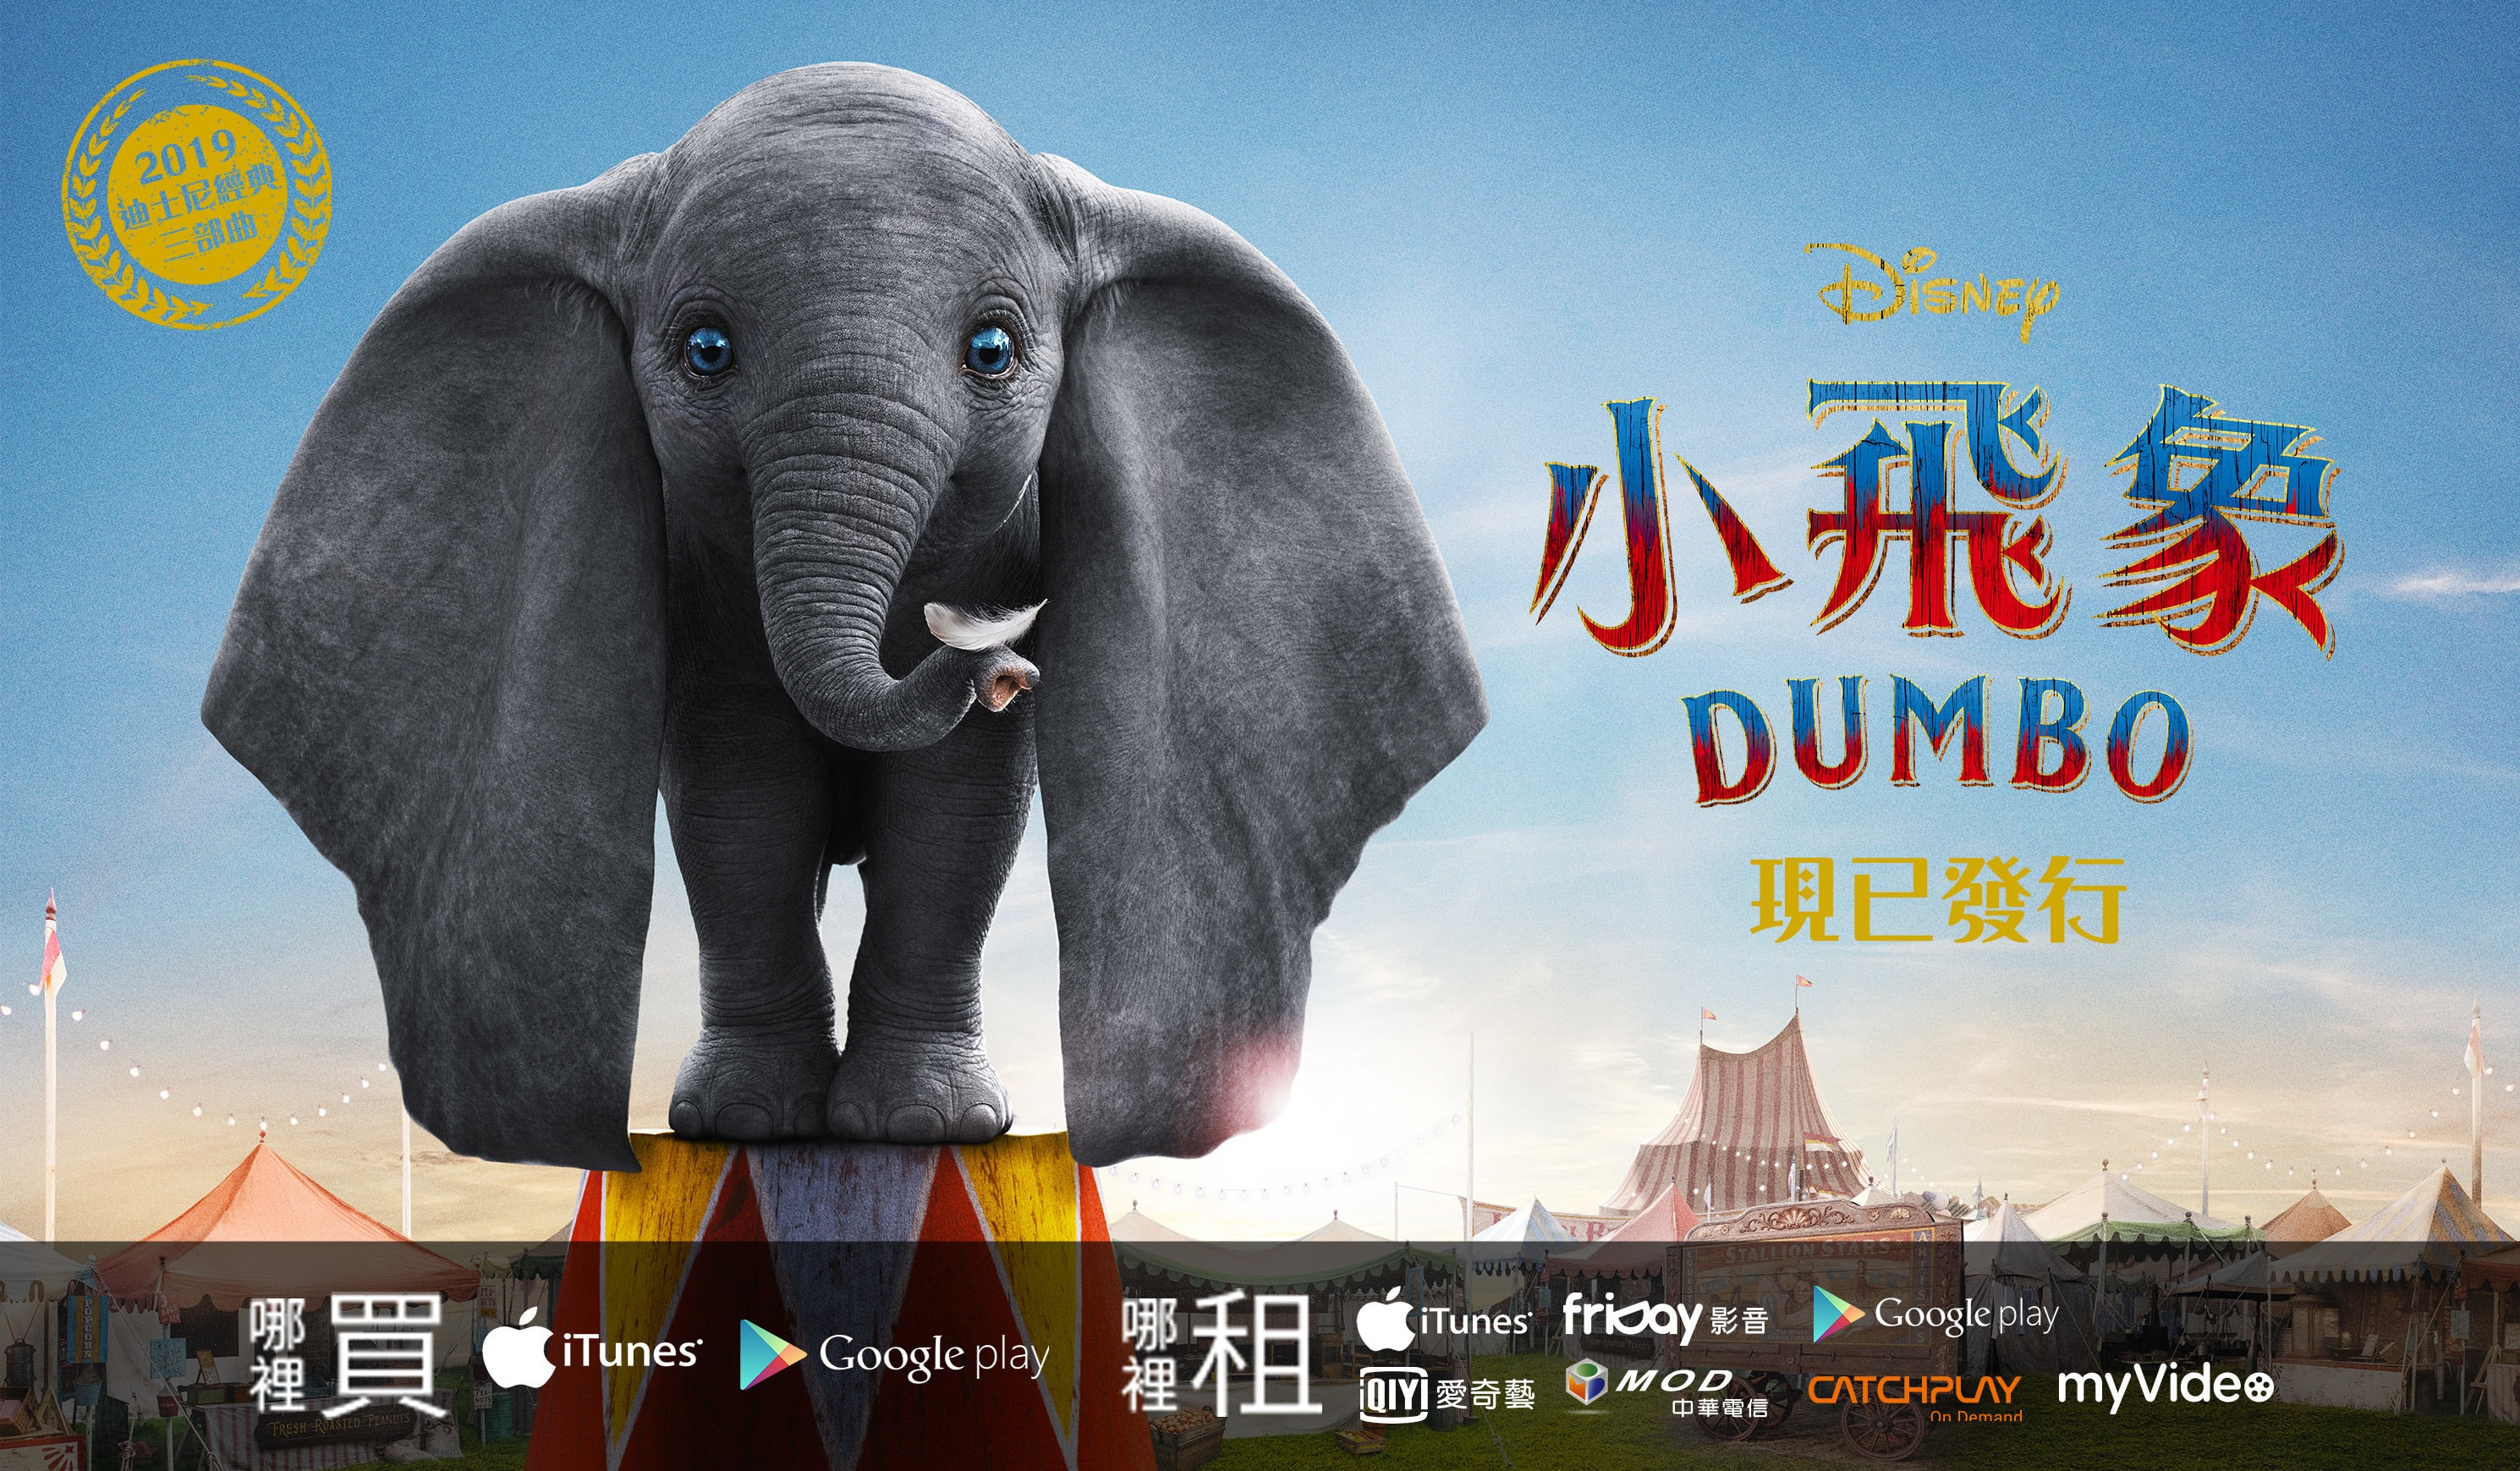 The Dumbo   Digital